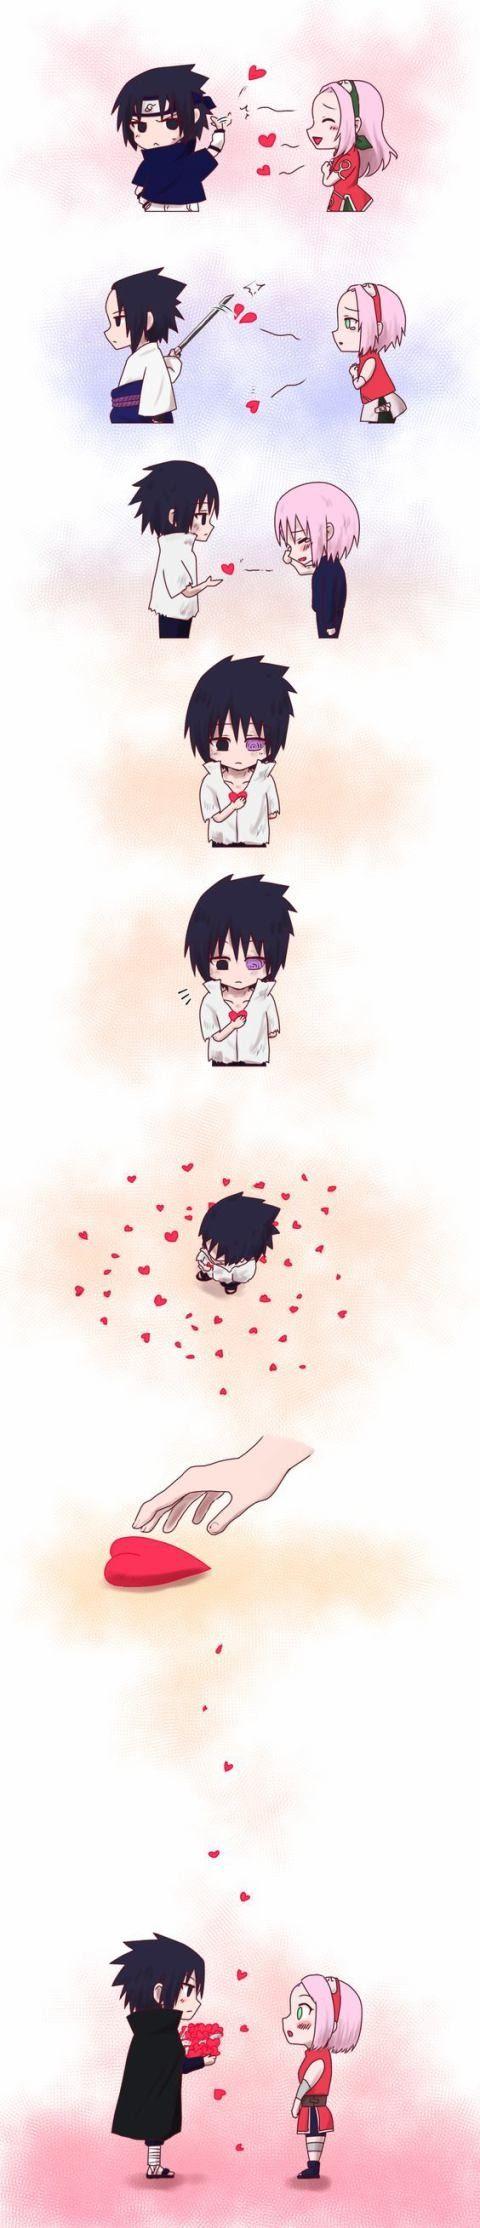 La historia de Sasuke y Sakura